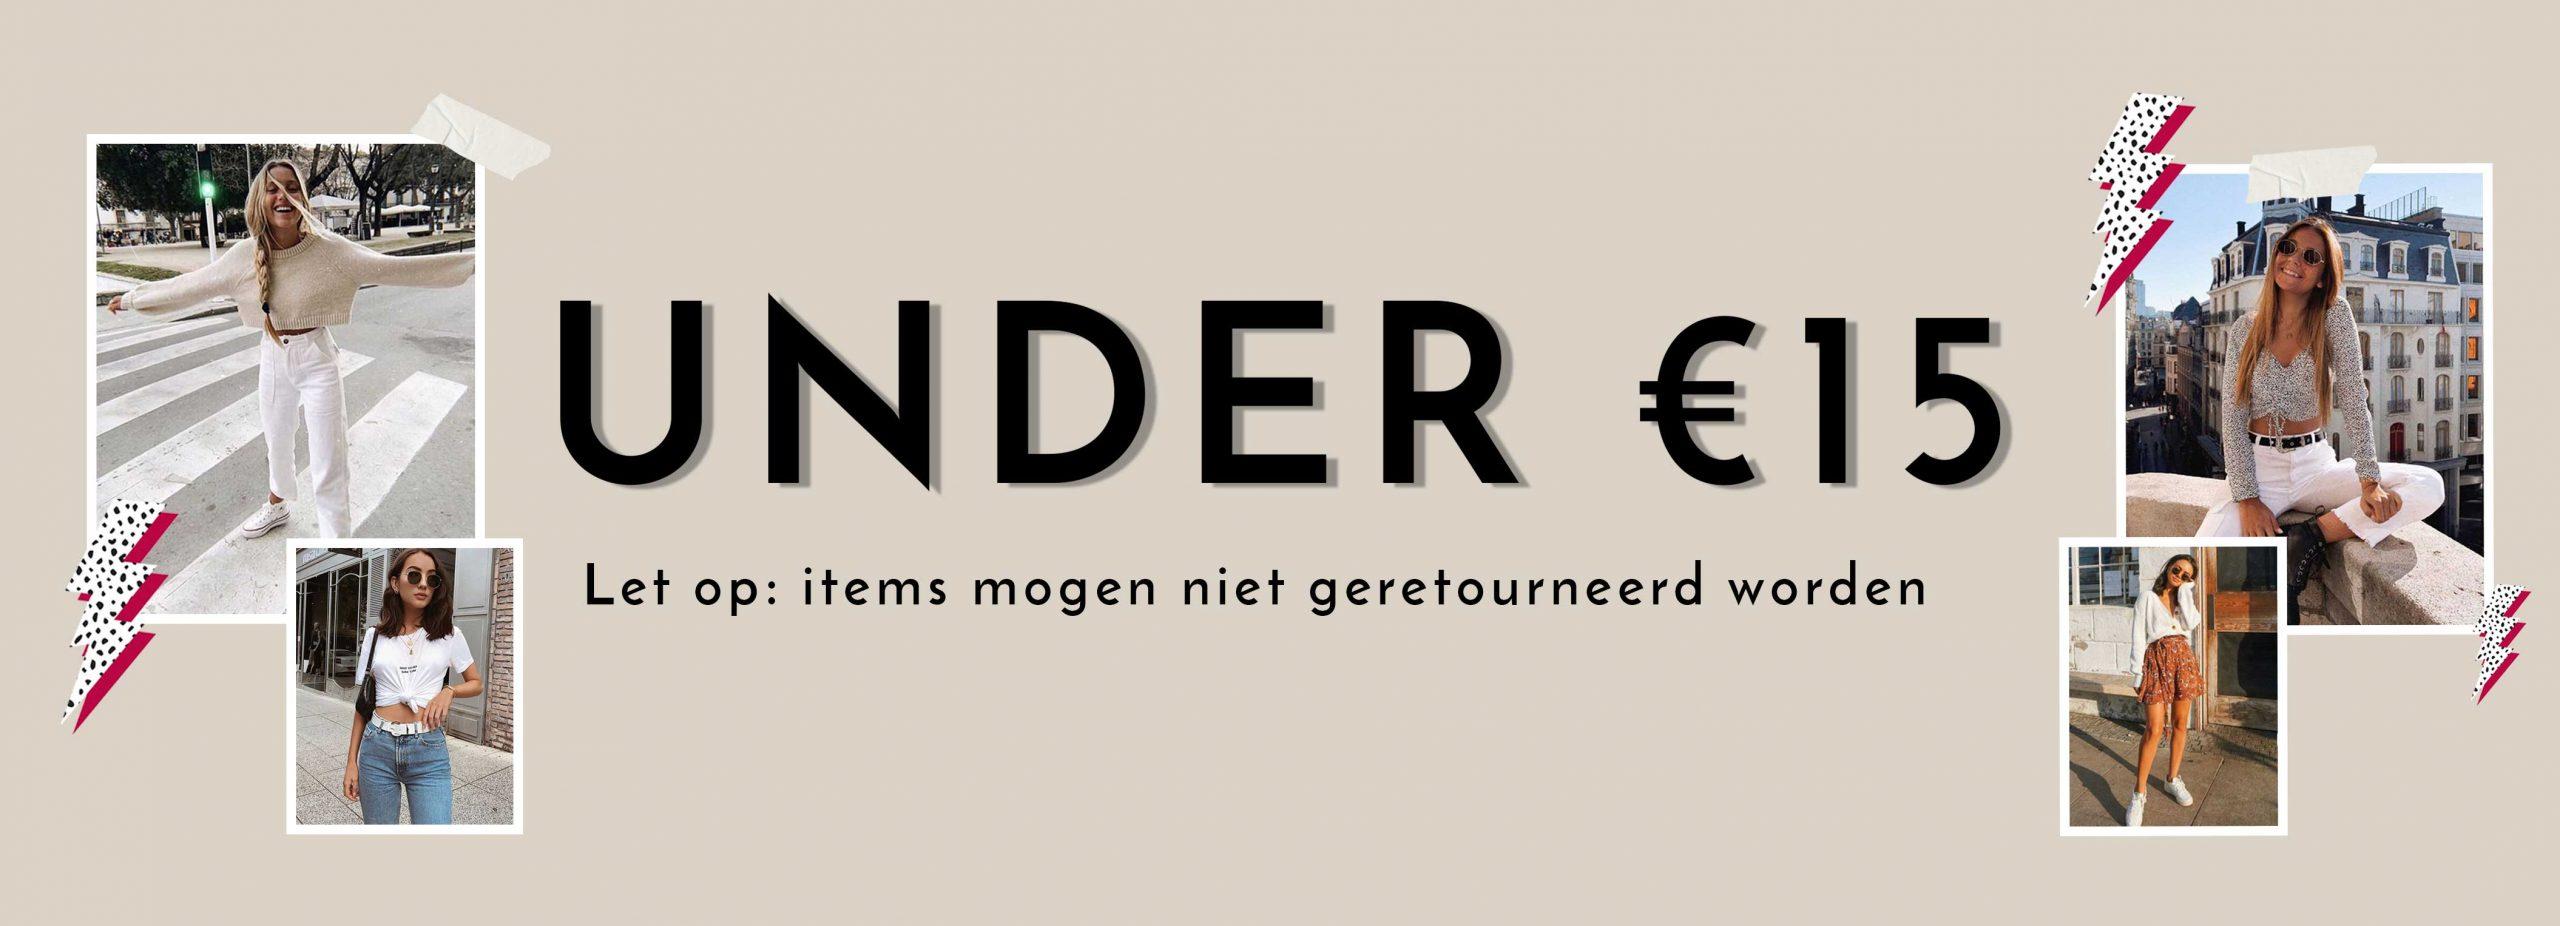 Under €15